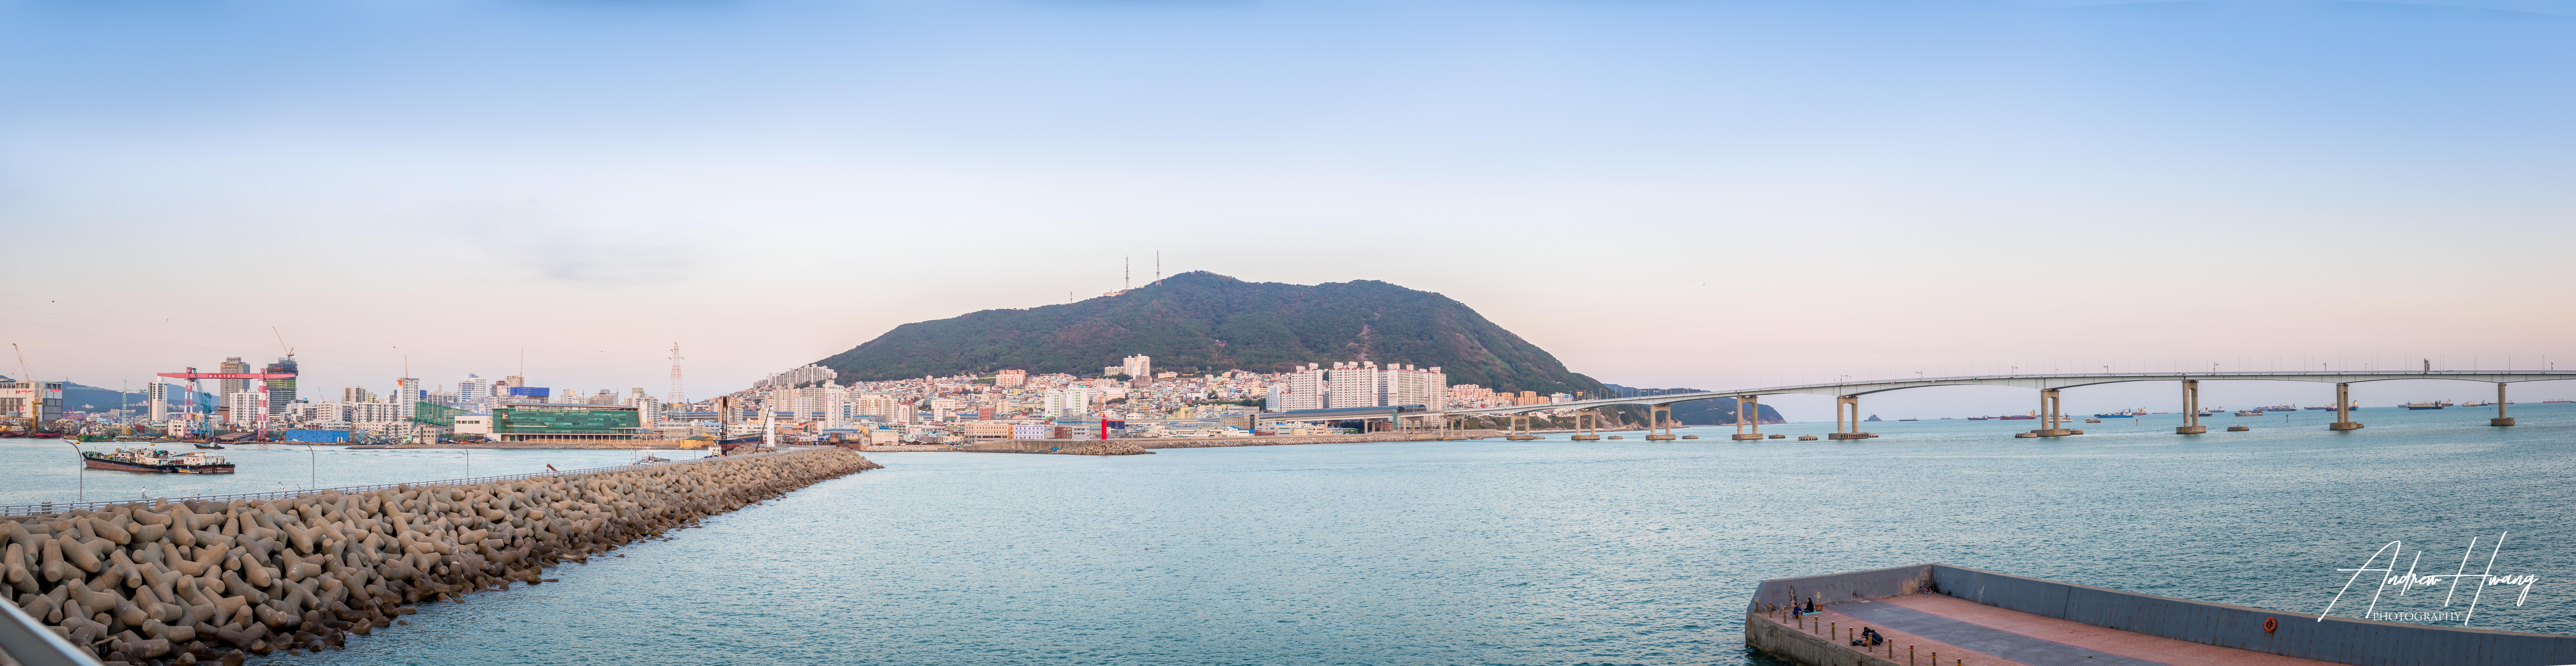 Busan Beach Pano 25MB